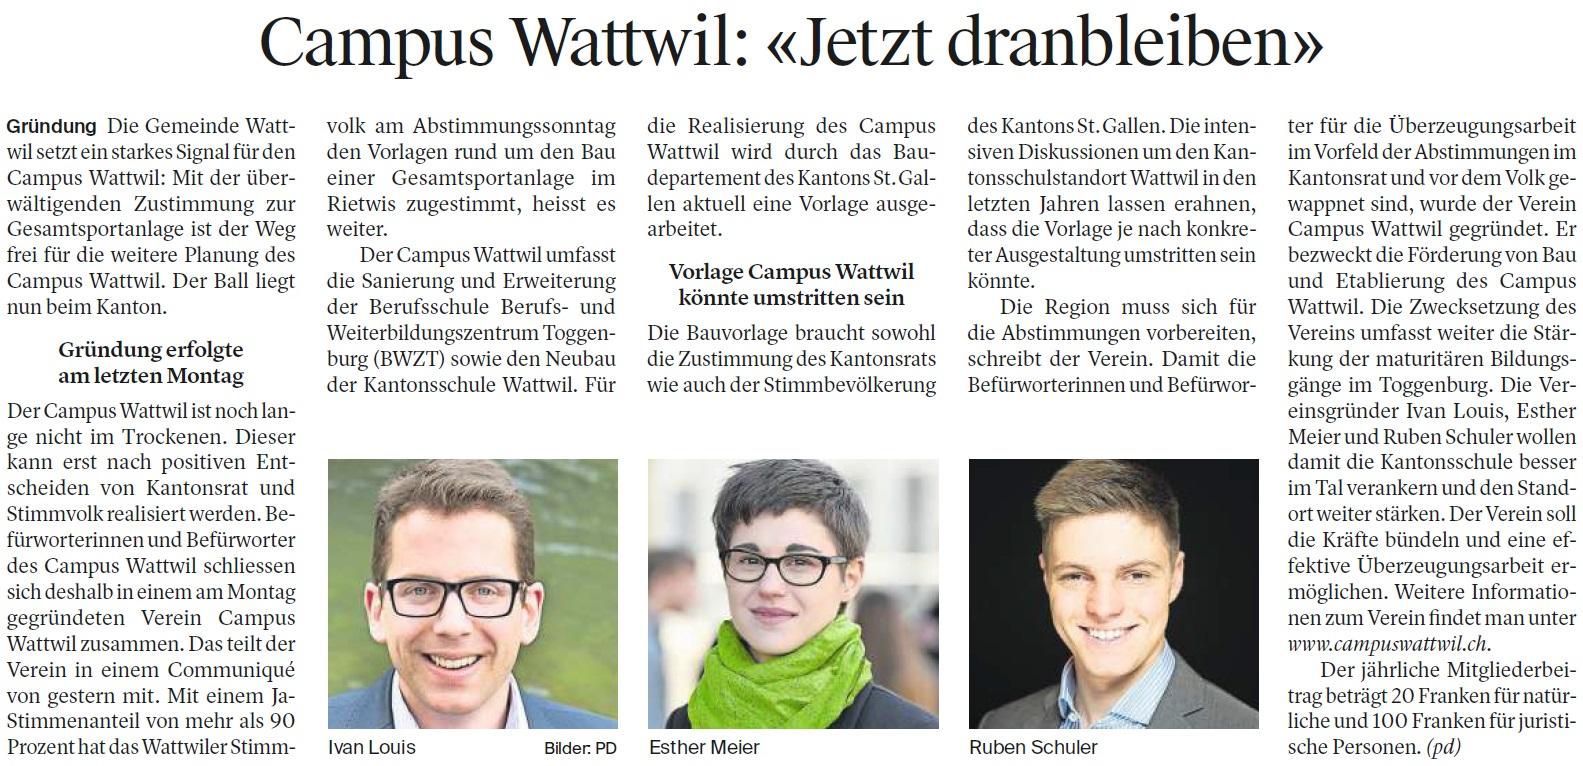 Campus Wattwil: «Jetzt dranbleiben» (Mittwoch, 24.05.2017)